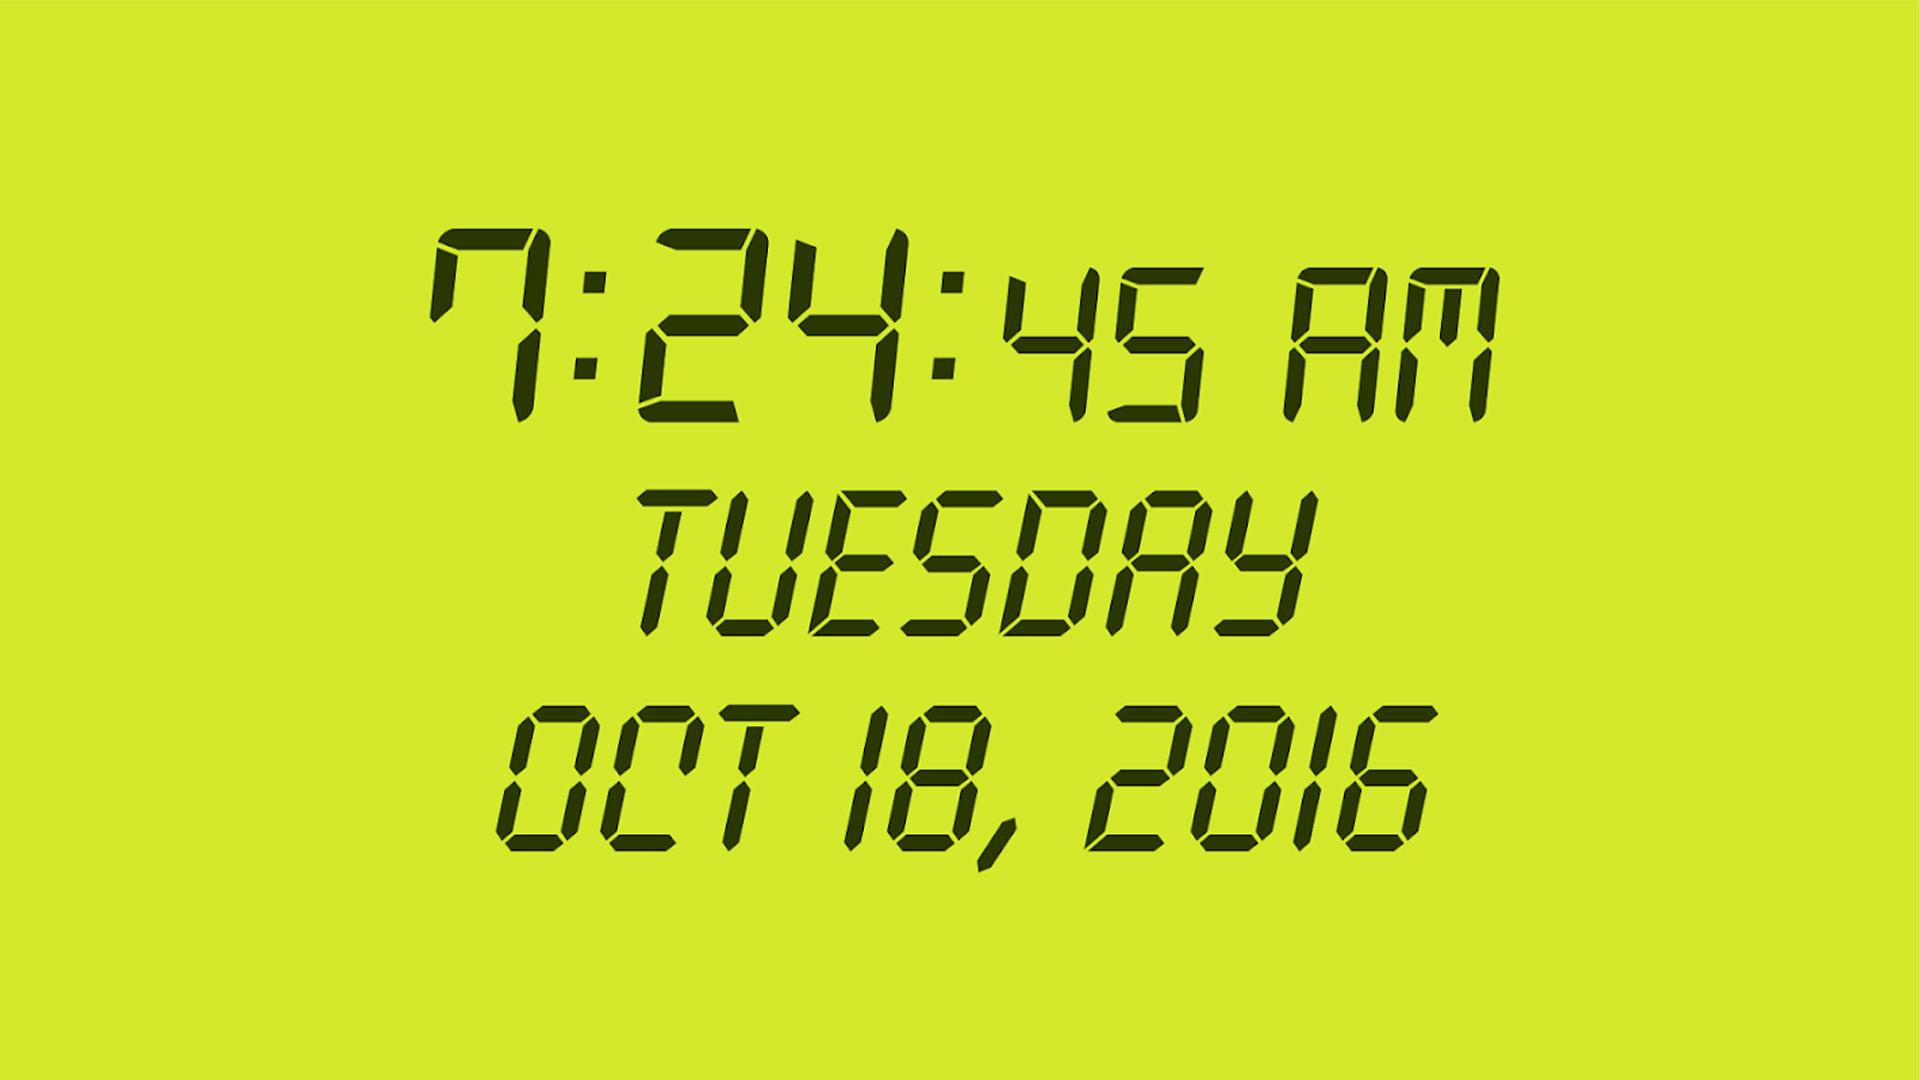 Digital Clock Panagola screenshot